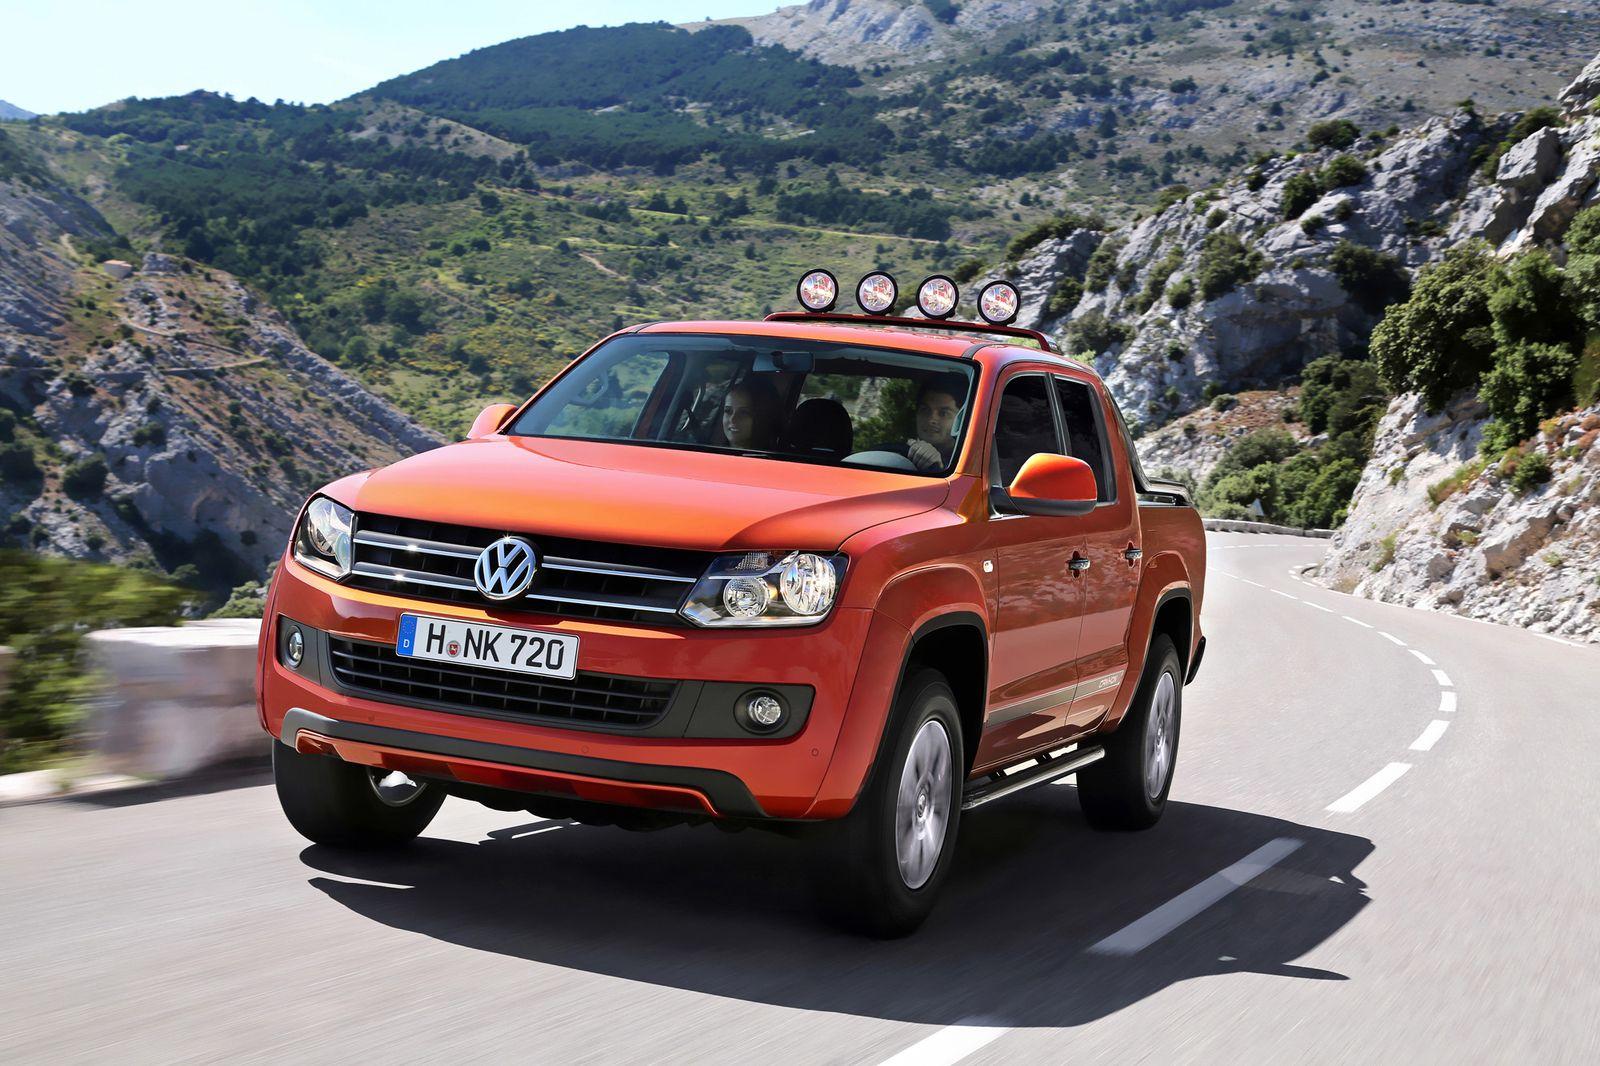 2013 / VW Amarok Canyon (Kopie)